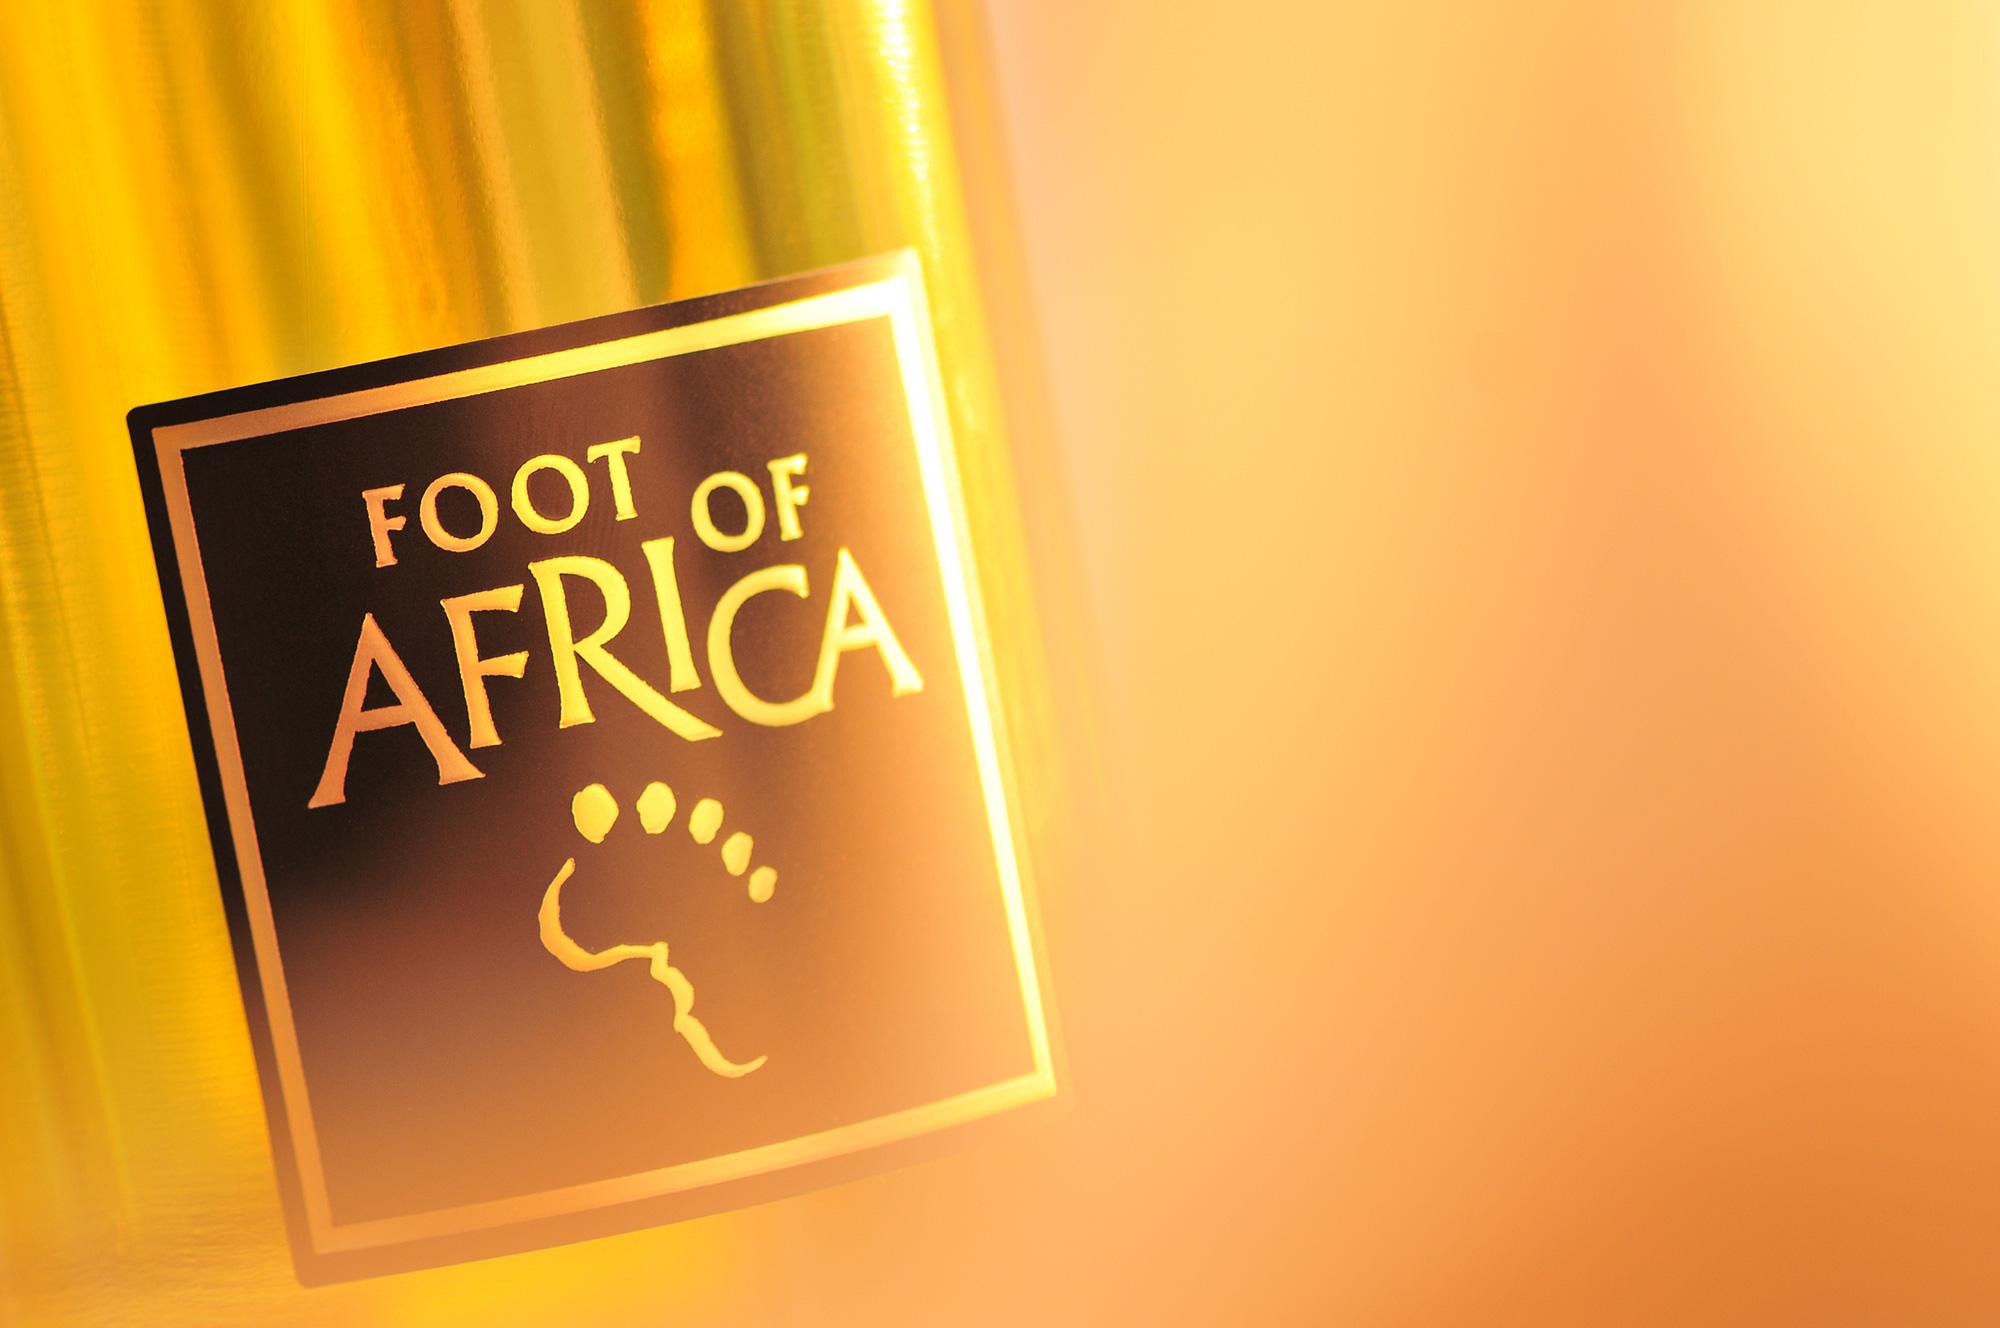 Foot-of-Africa.jpg